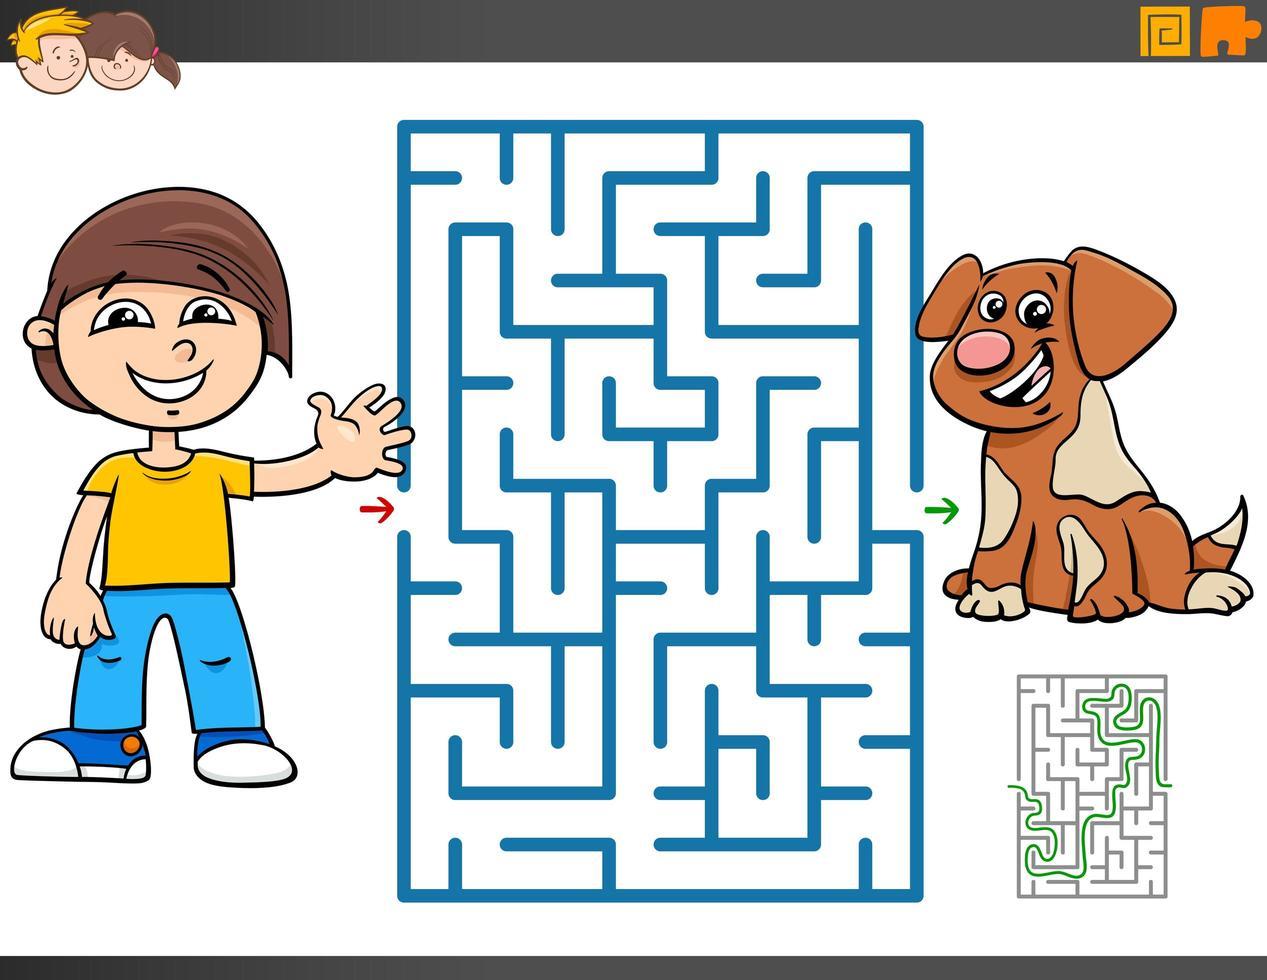 jeu de labyrinthe avec dessin animé garçon et chiot vecteur